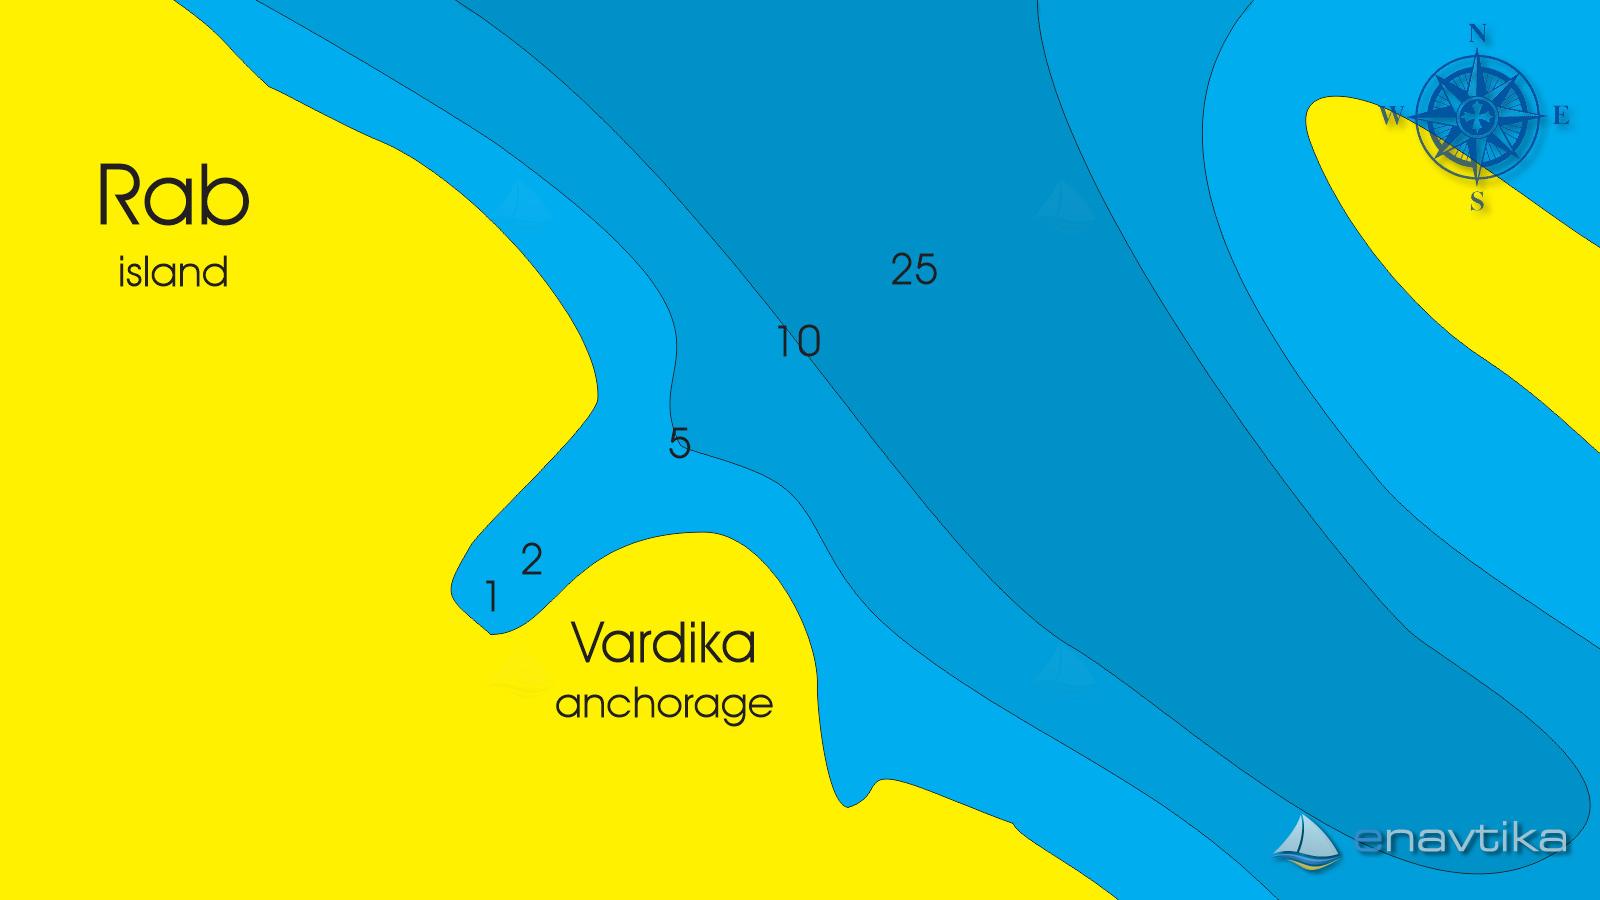 Slika Vardika 2